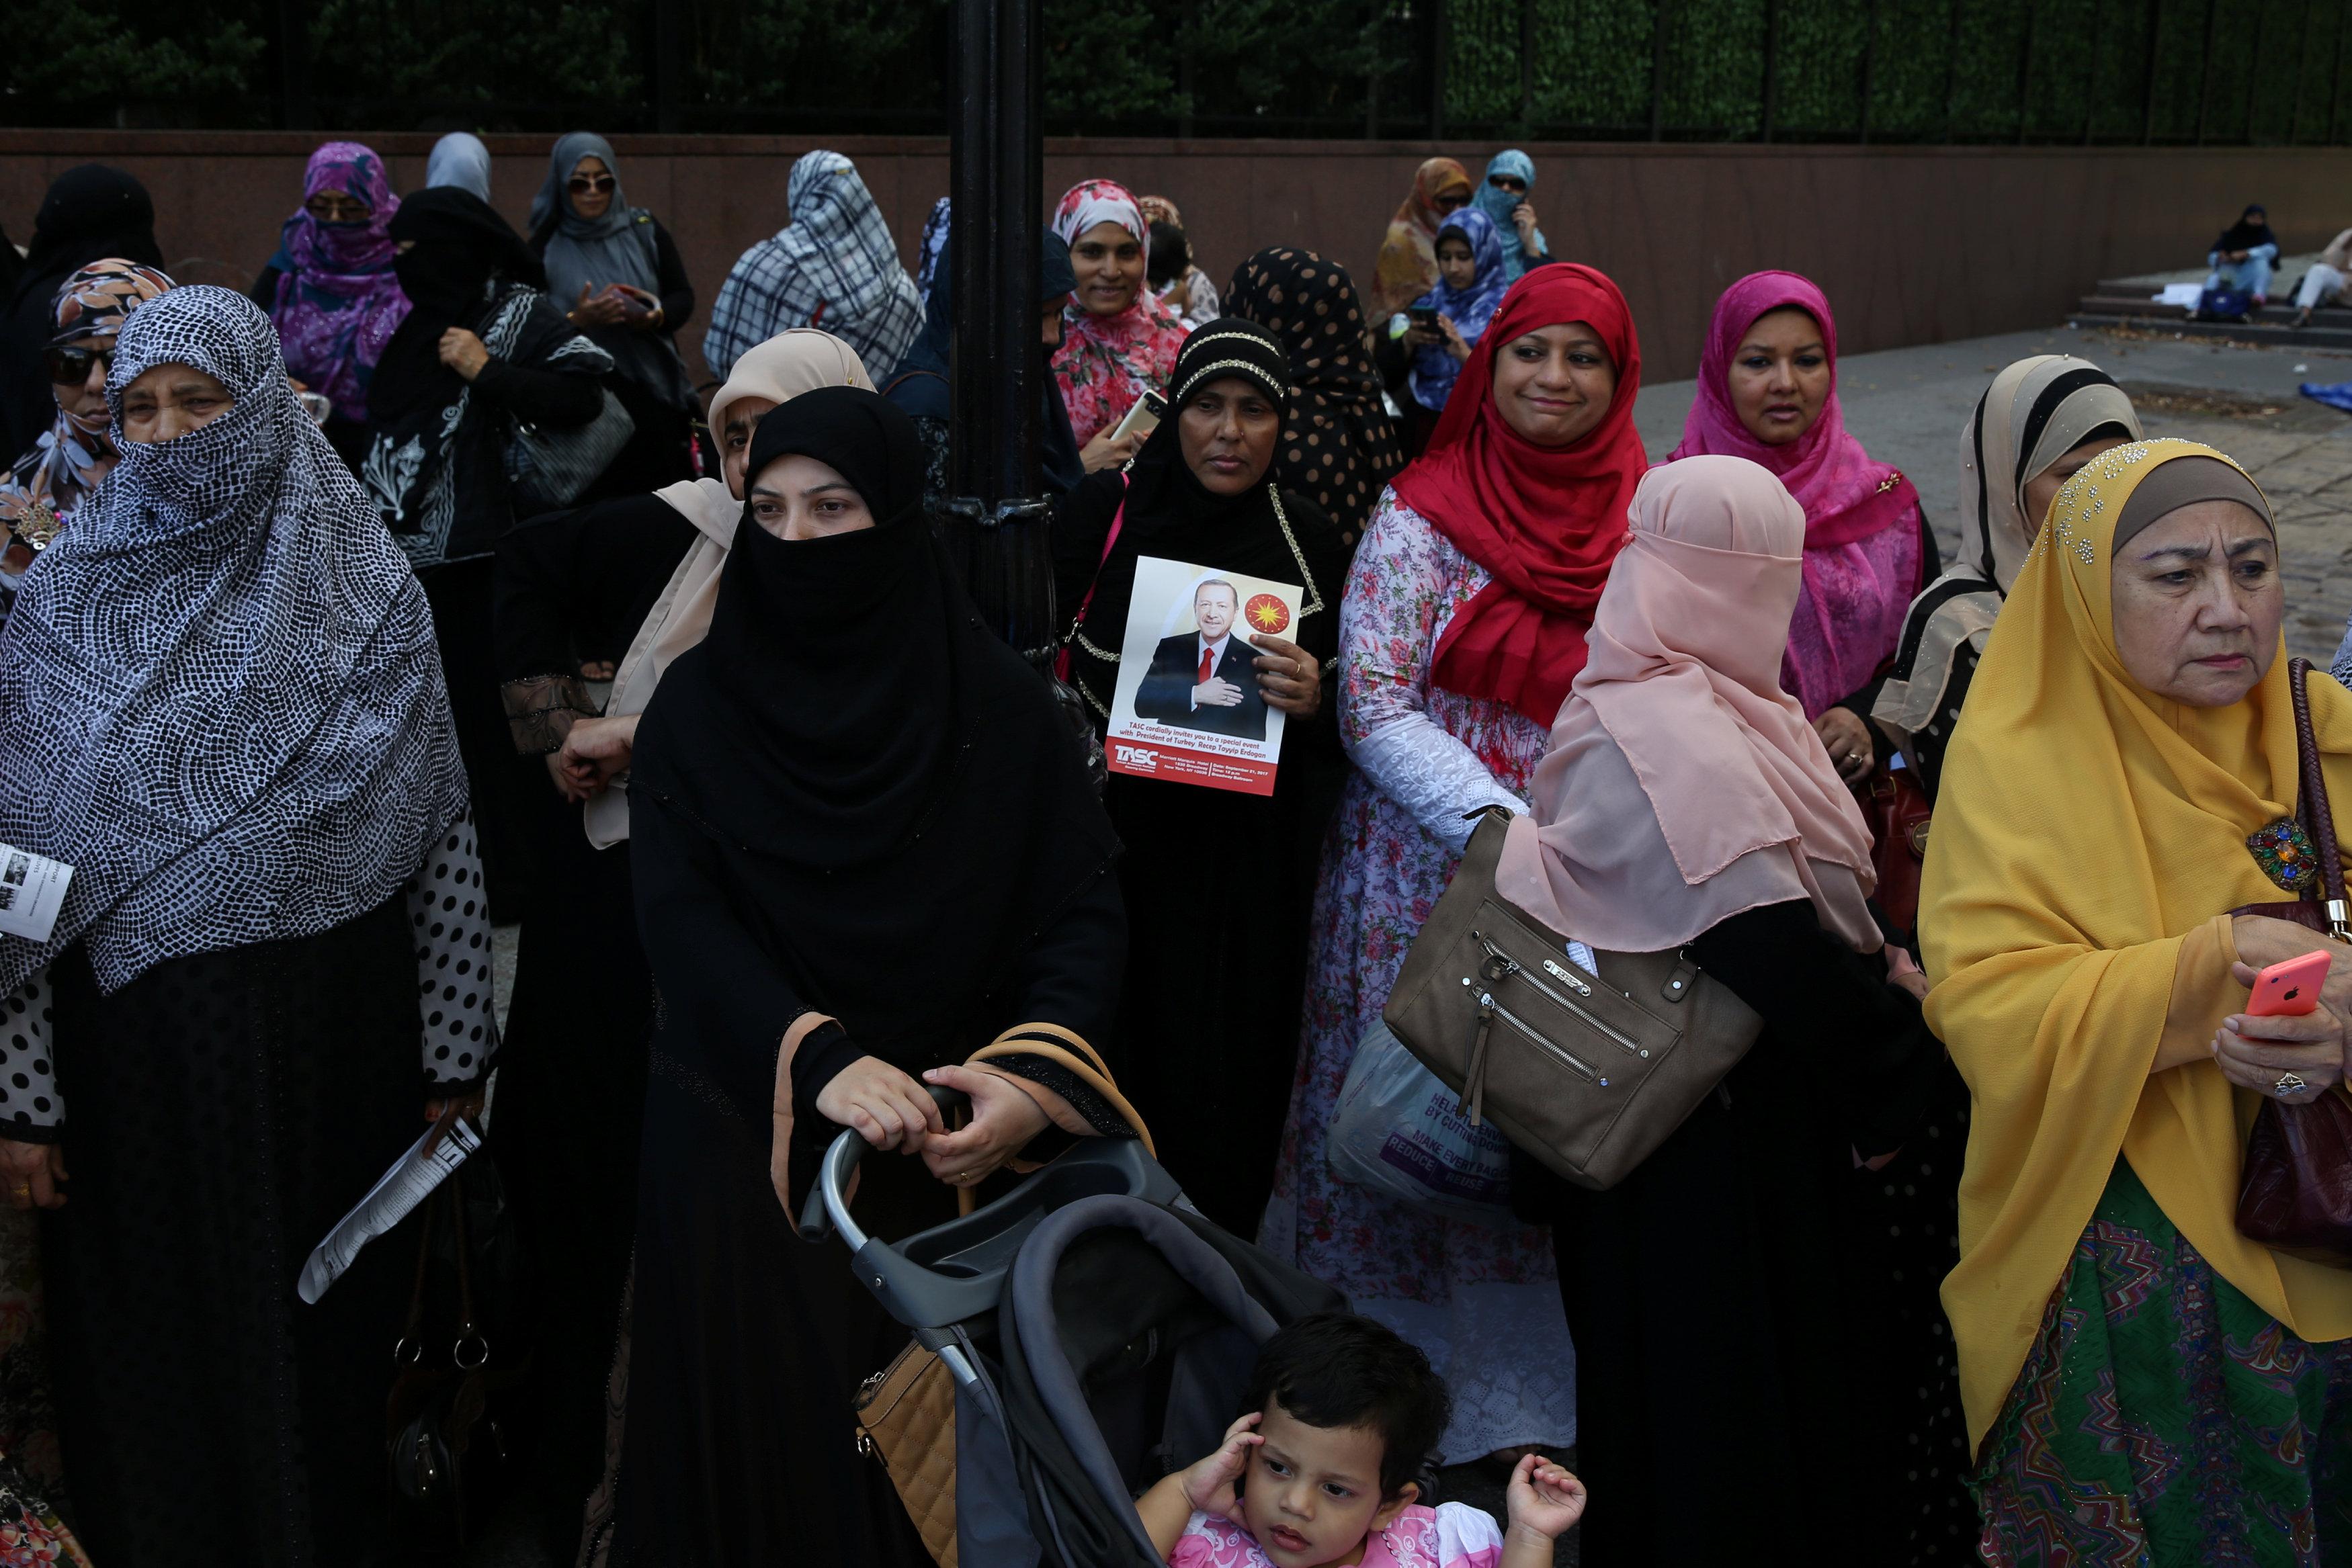 سيدات تشاركن فى مظاهرة للمطالبة بوقف قتل الروهينجا